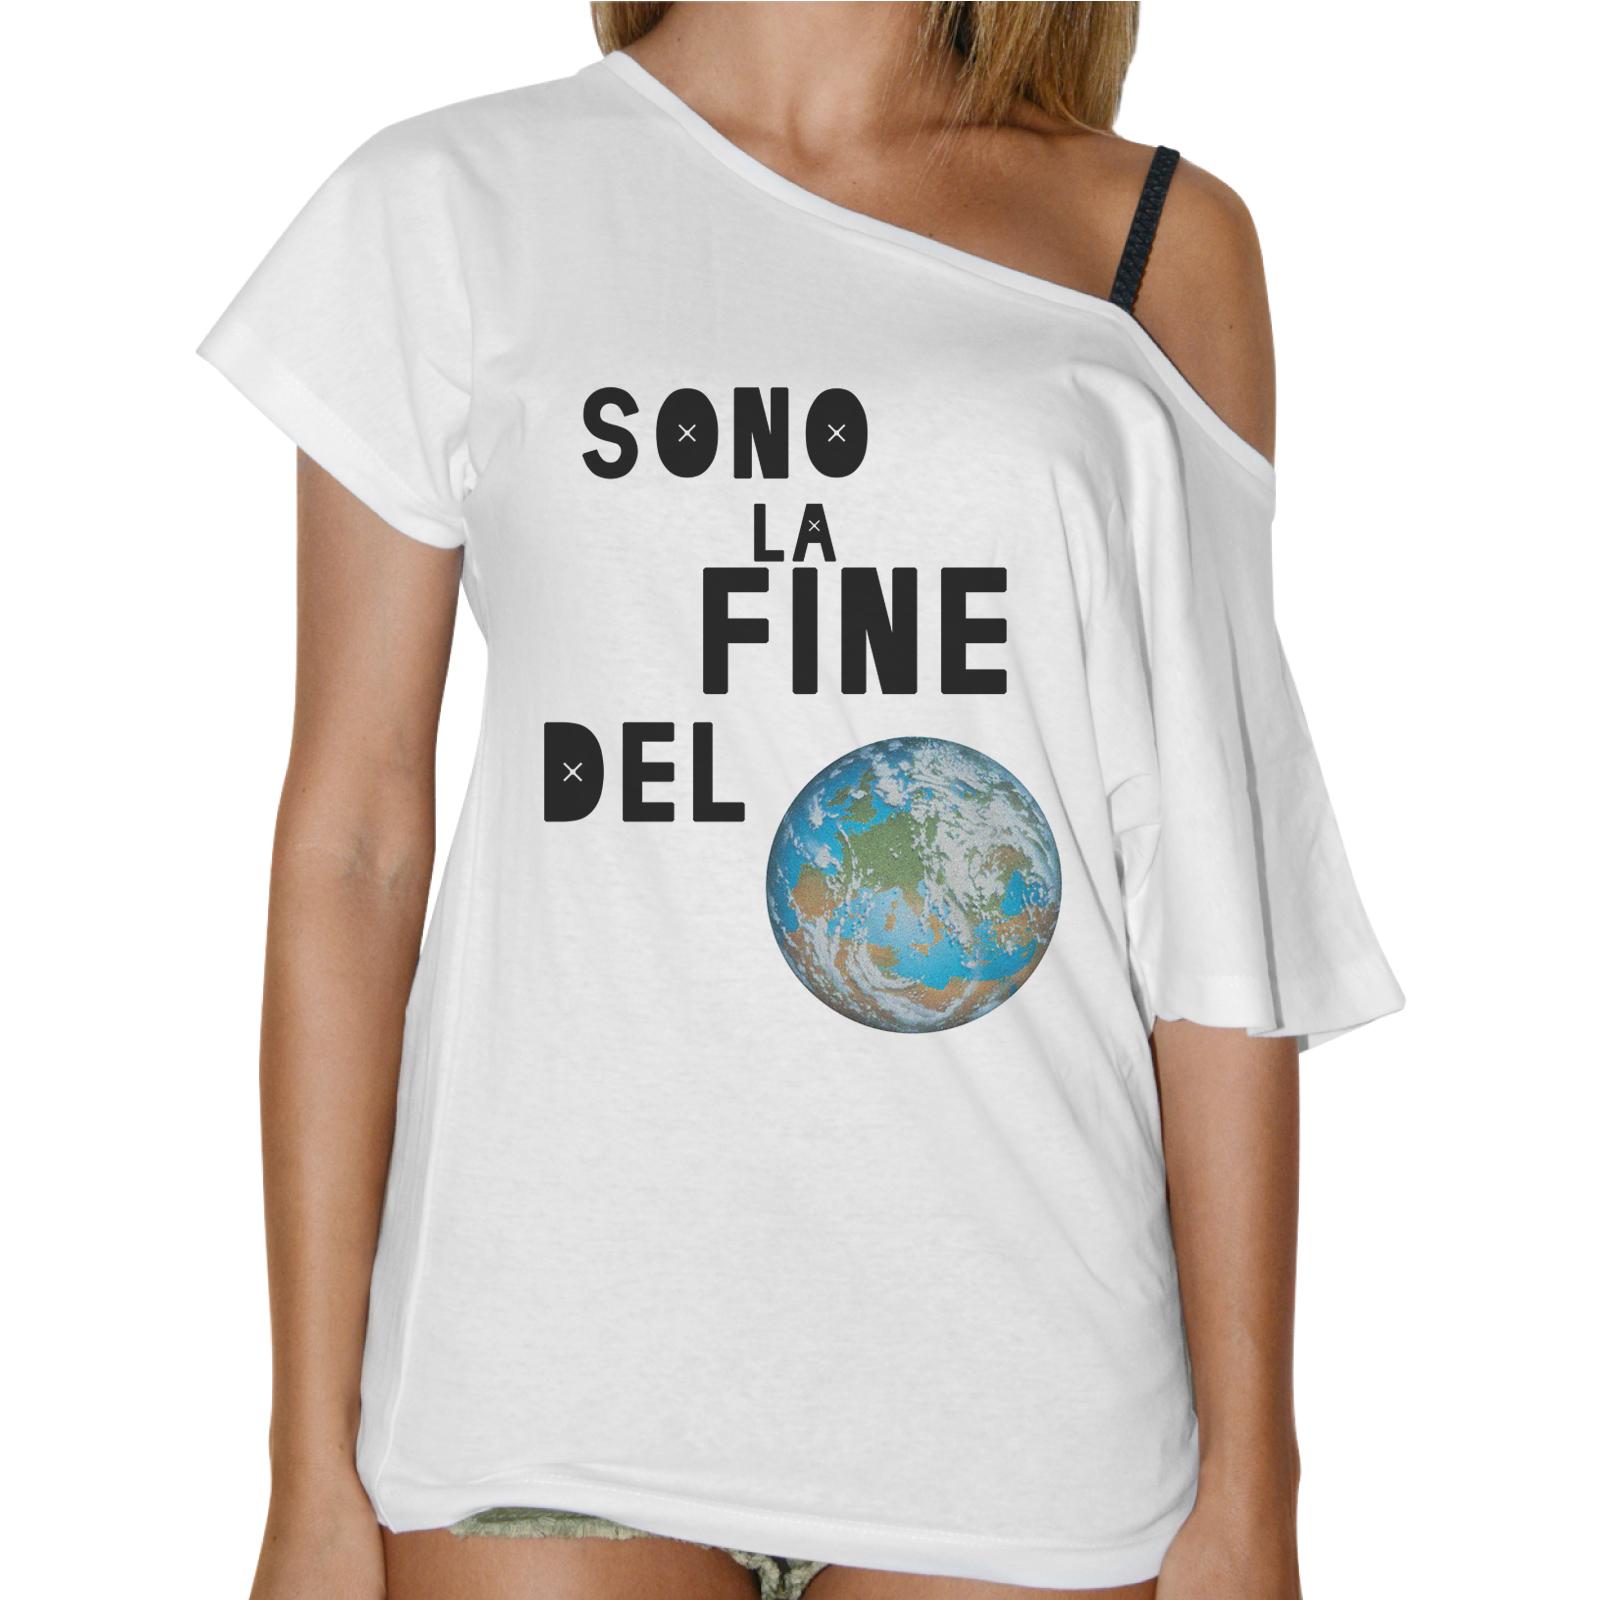 T-Shirt Donna Collo Barca SONO LA FINE DEL MONDO